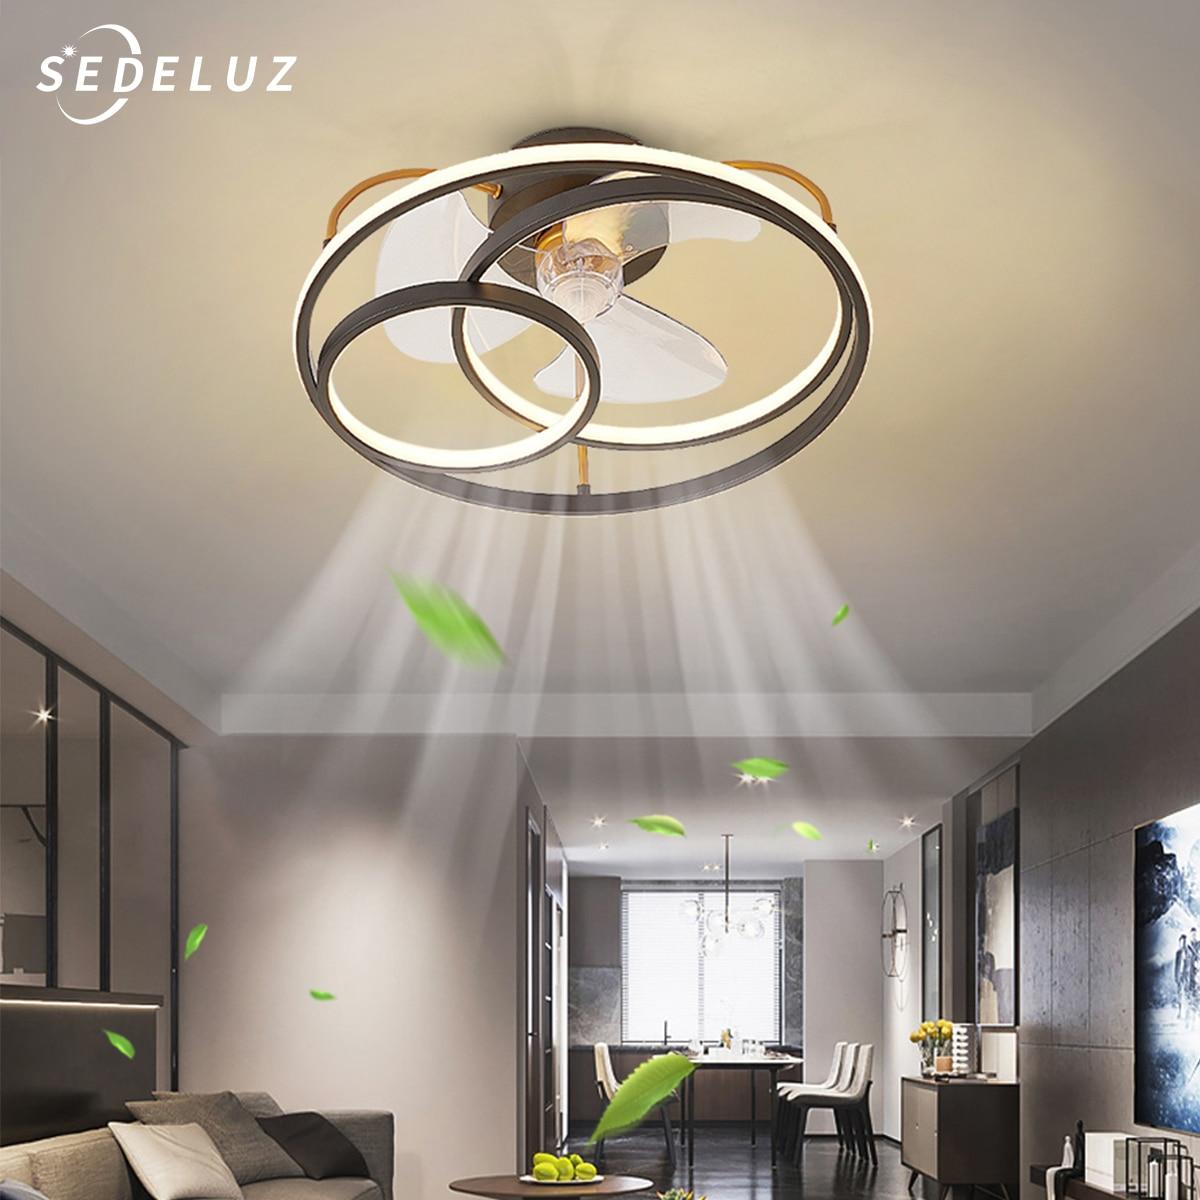 LED مروحة سقف مصباح الحديثة الحد الأدنى مصباح السقف غرفة الطعام غرفة نوم مصباح لغرفة المعيشة مروحة مستديرة ضوء